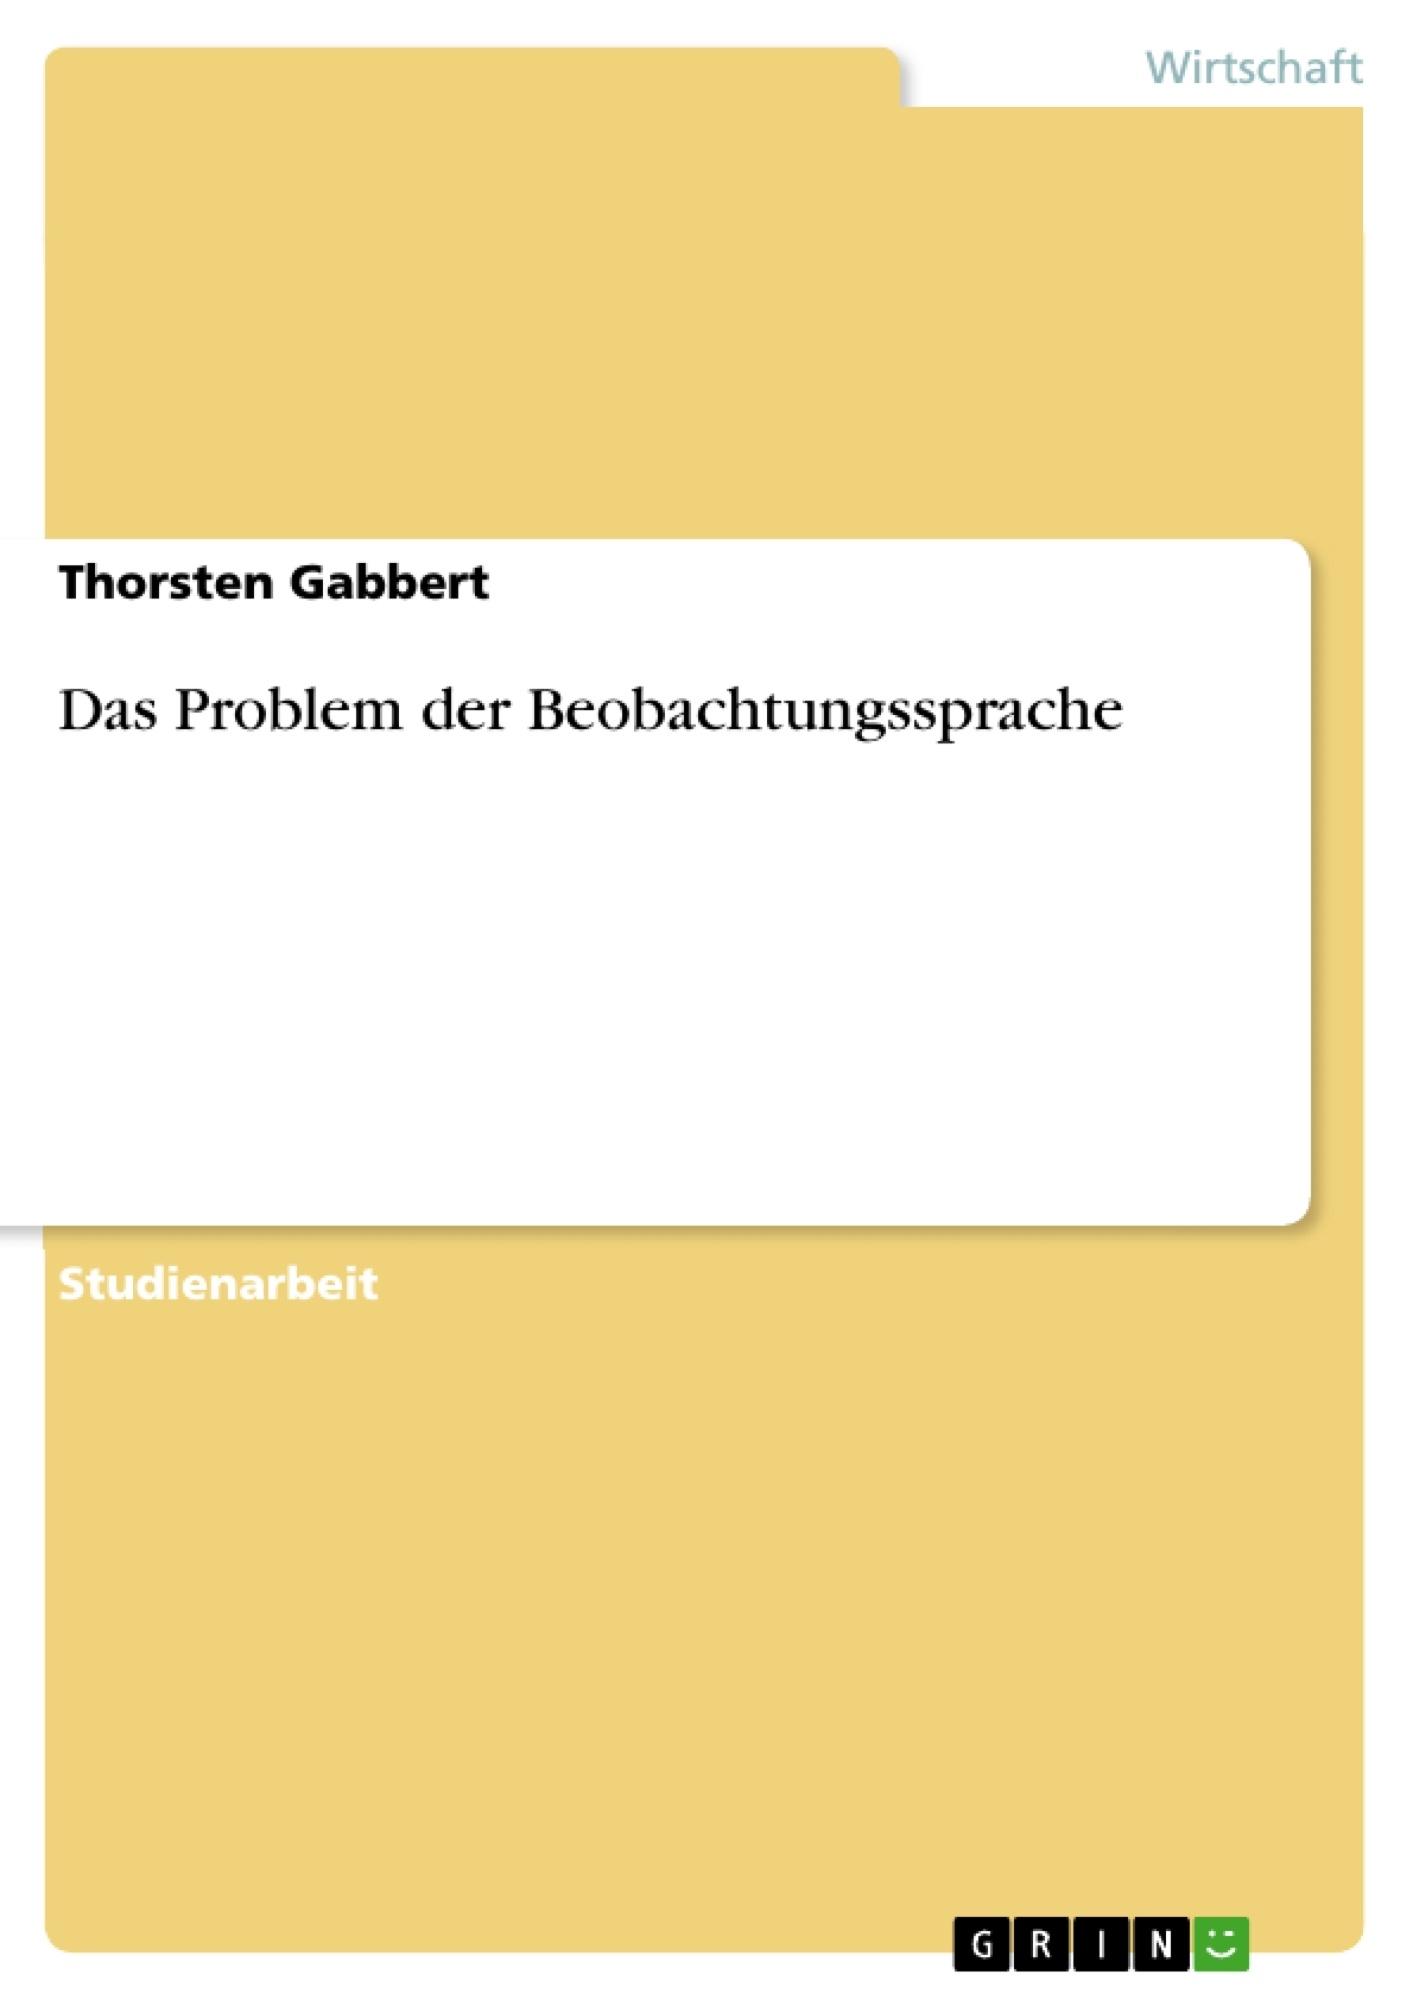 Titel: Das Problem der Beobachtungssprache